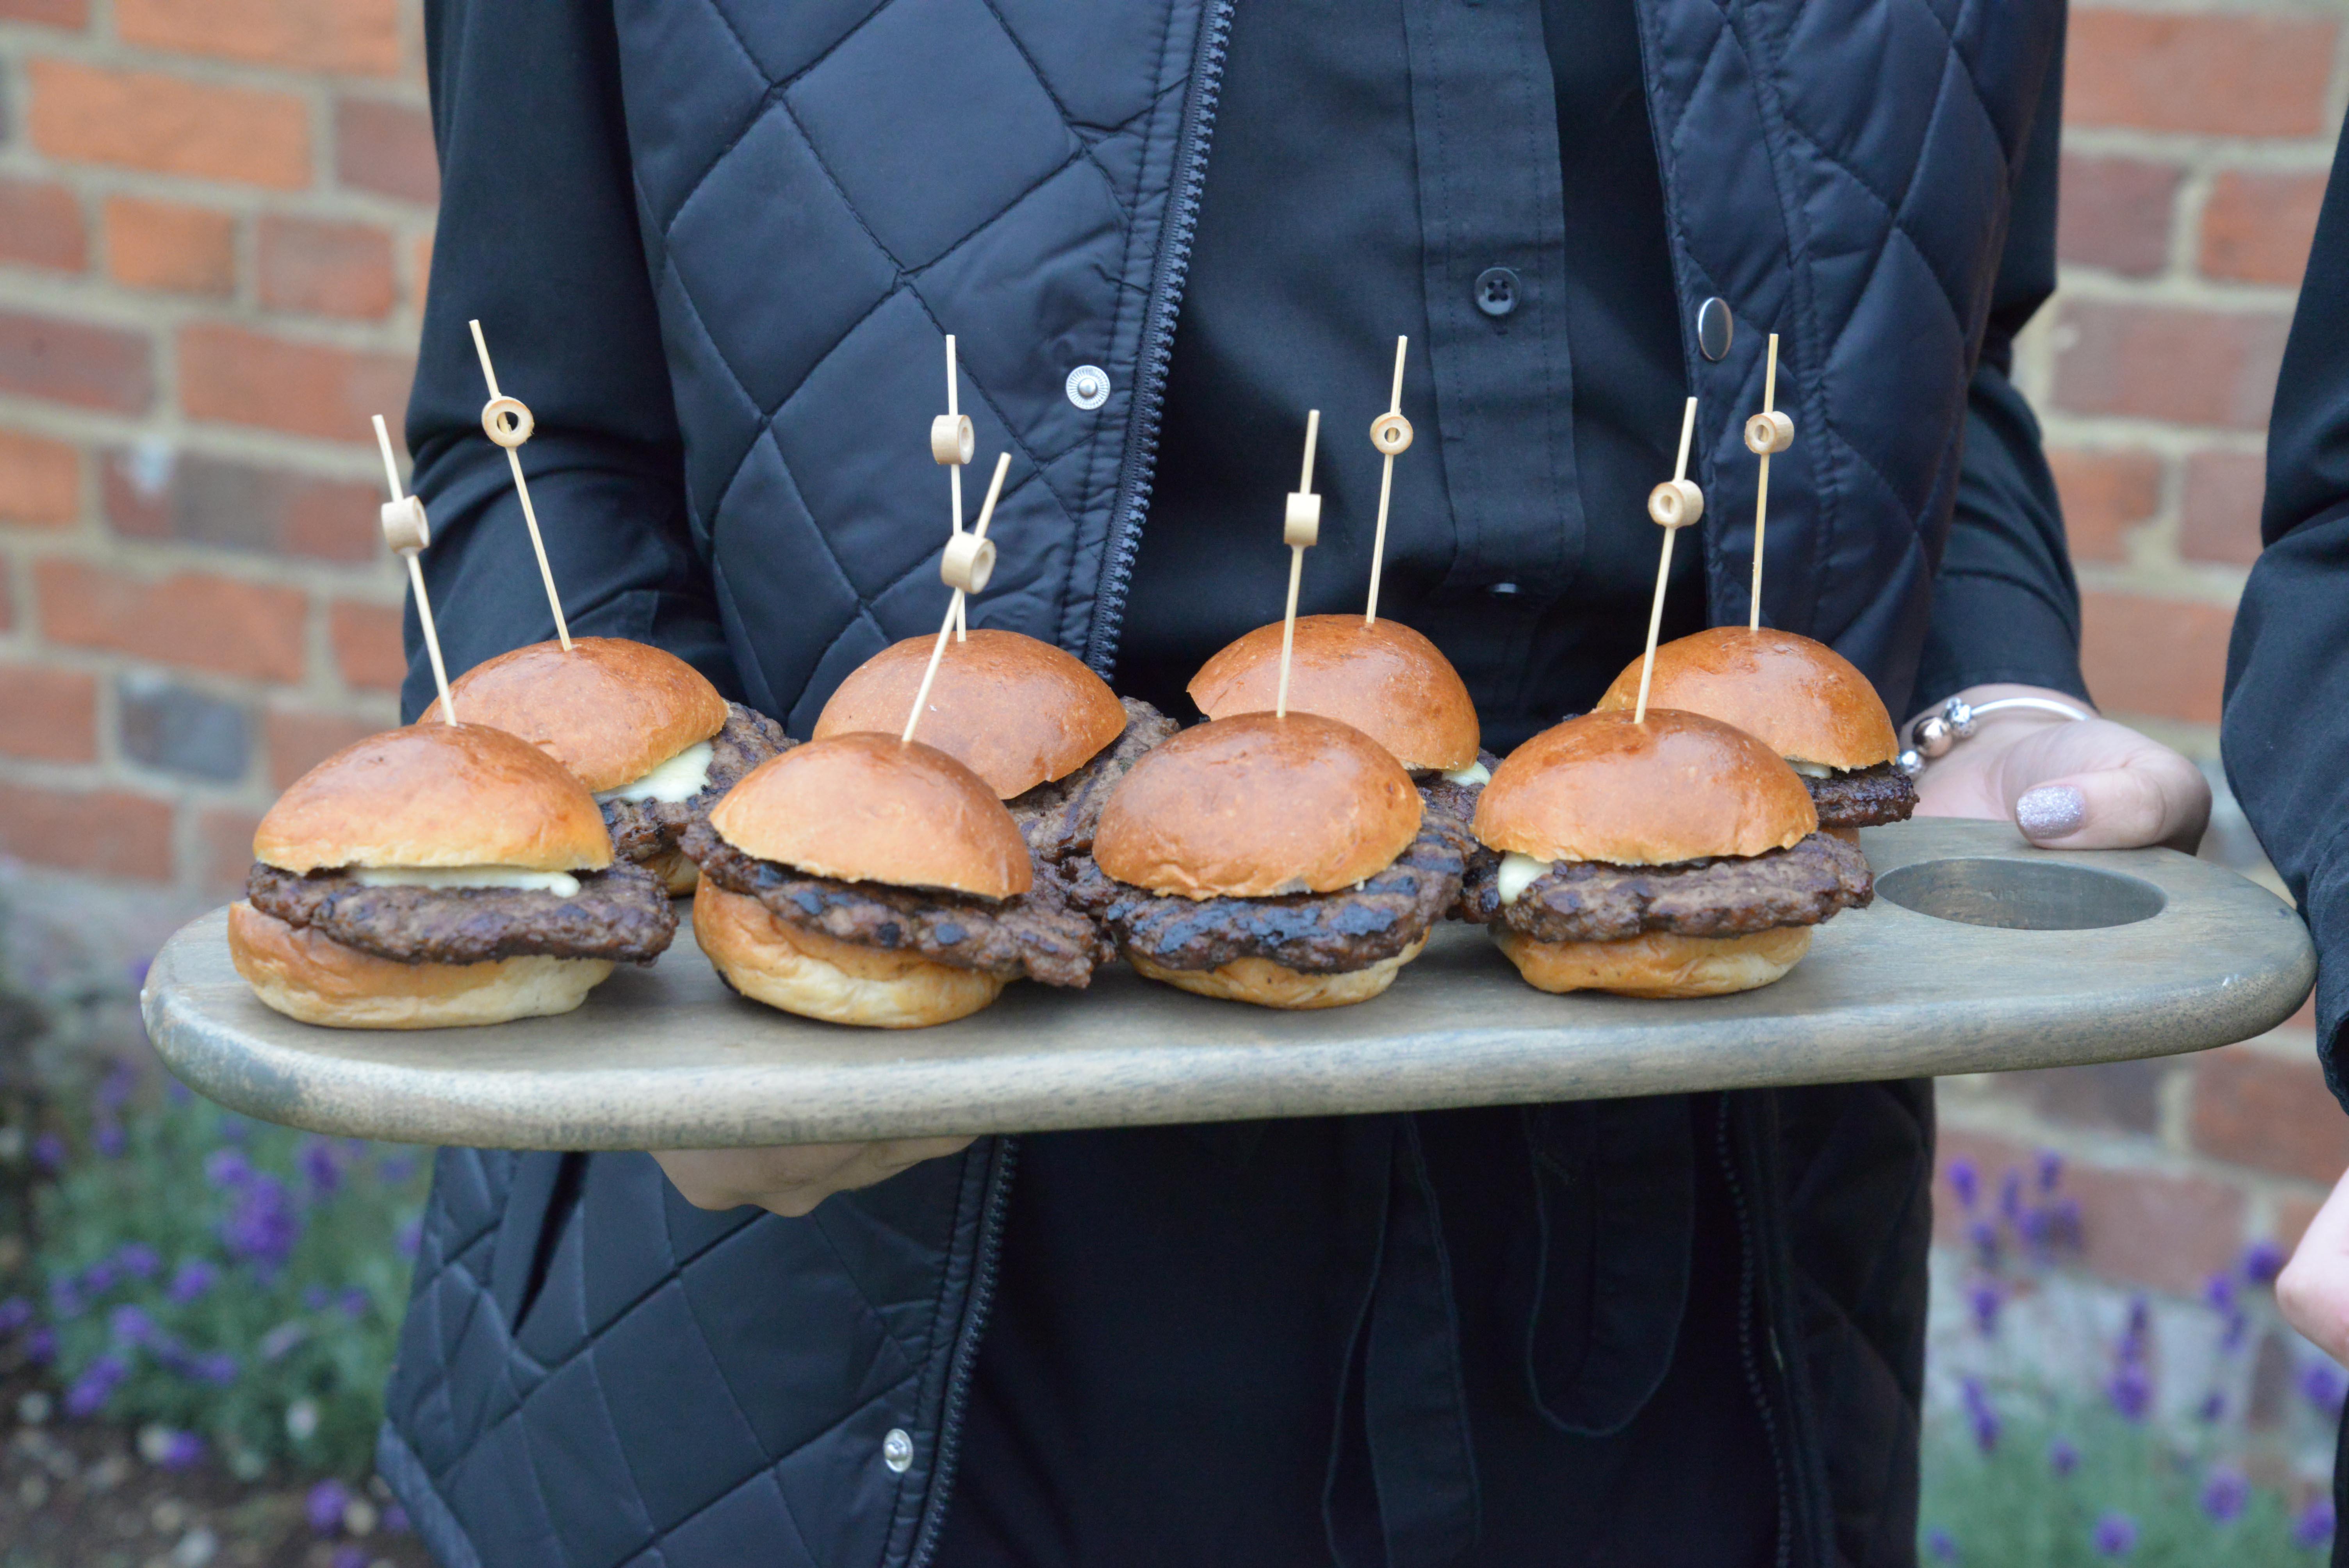 Canapé Burgers